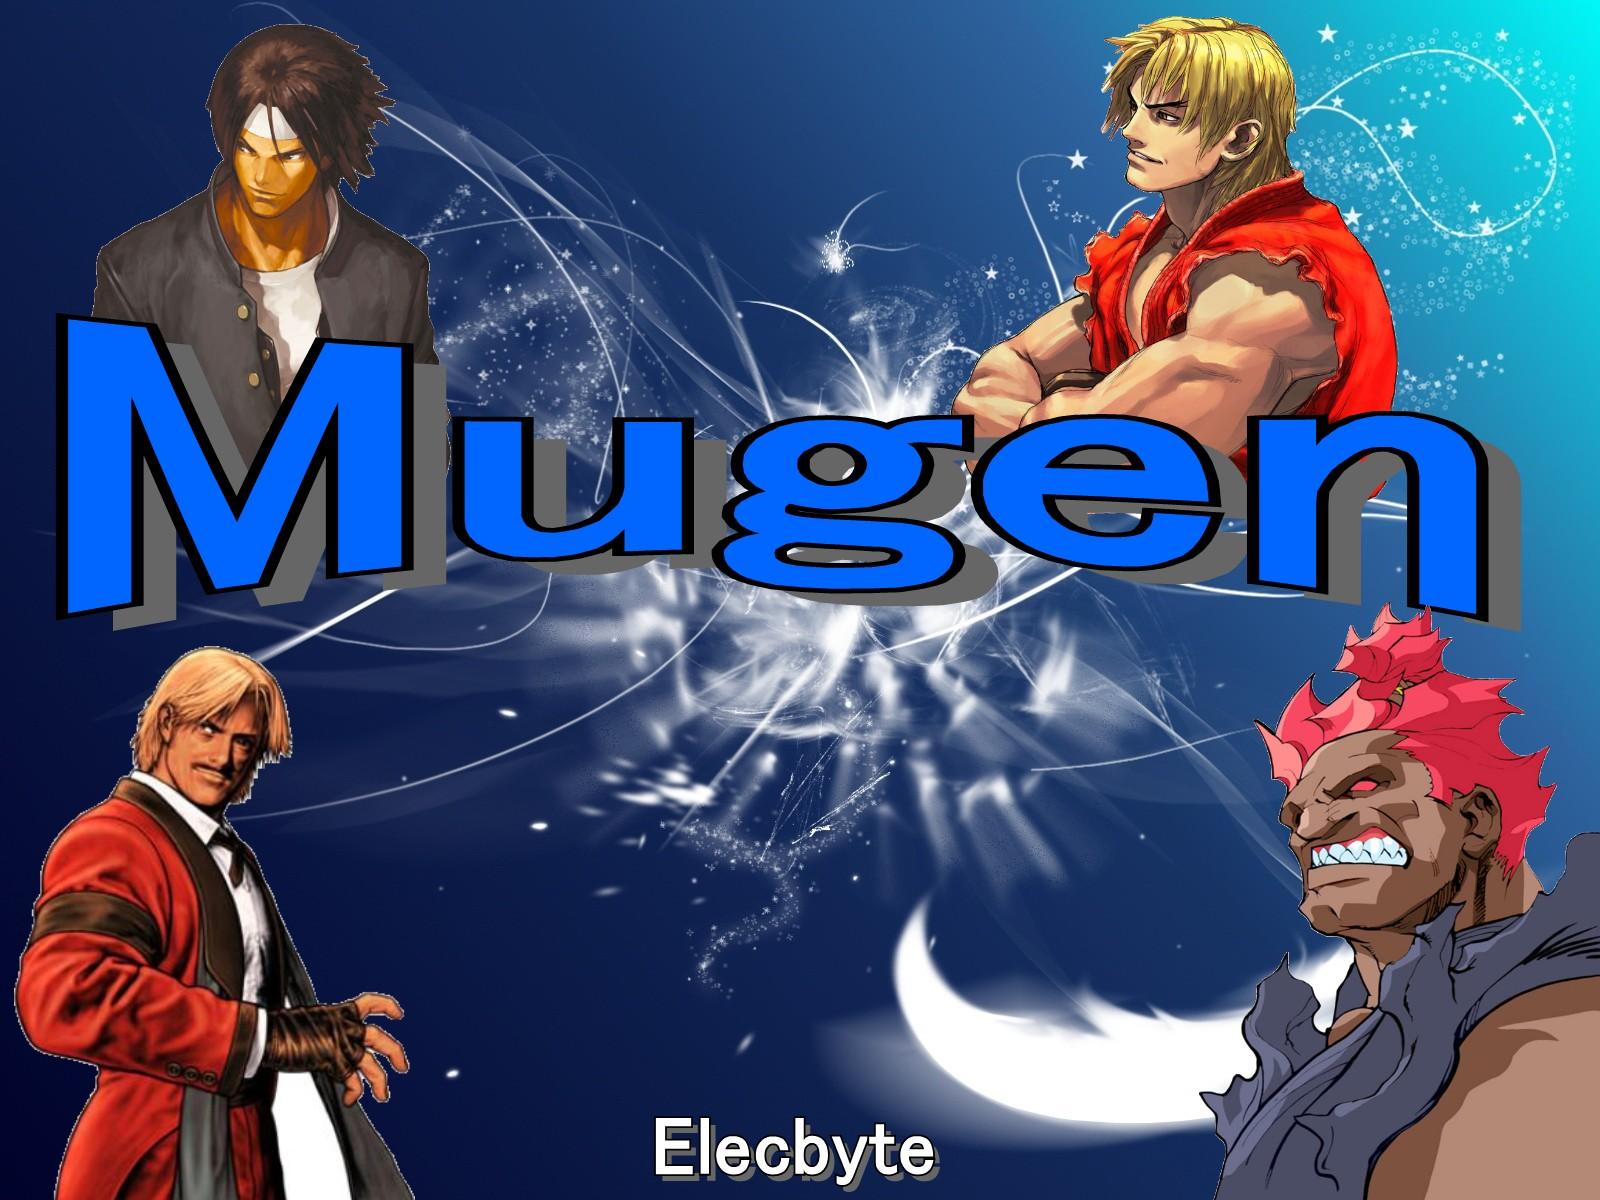 mugen boss characters